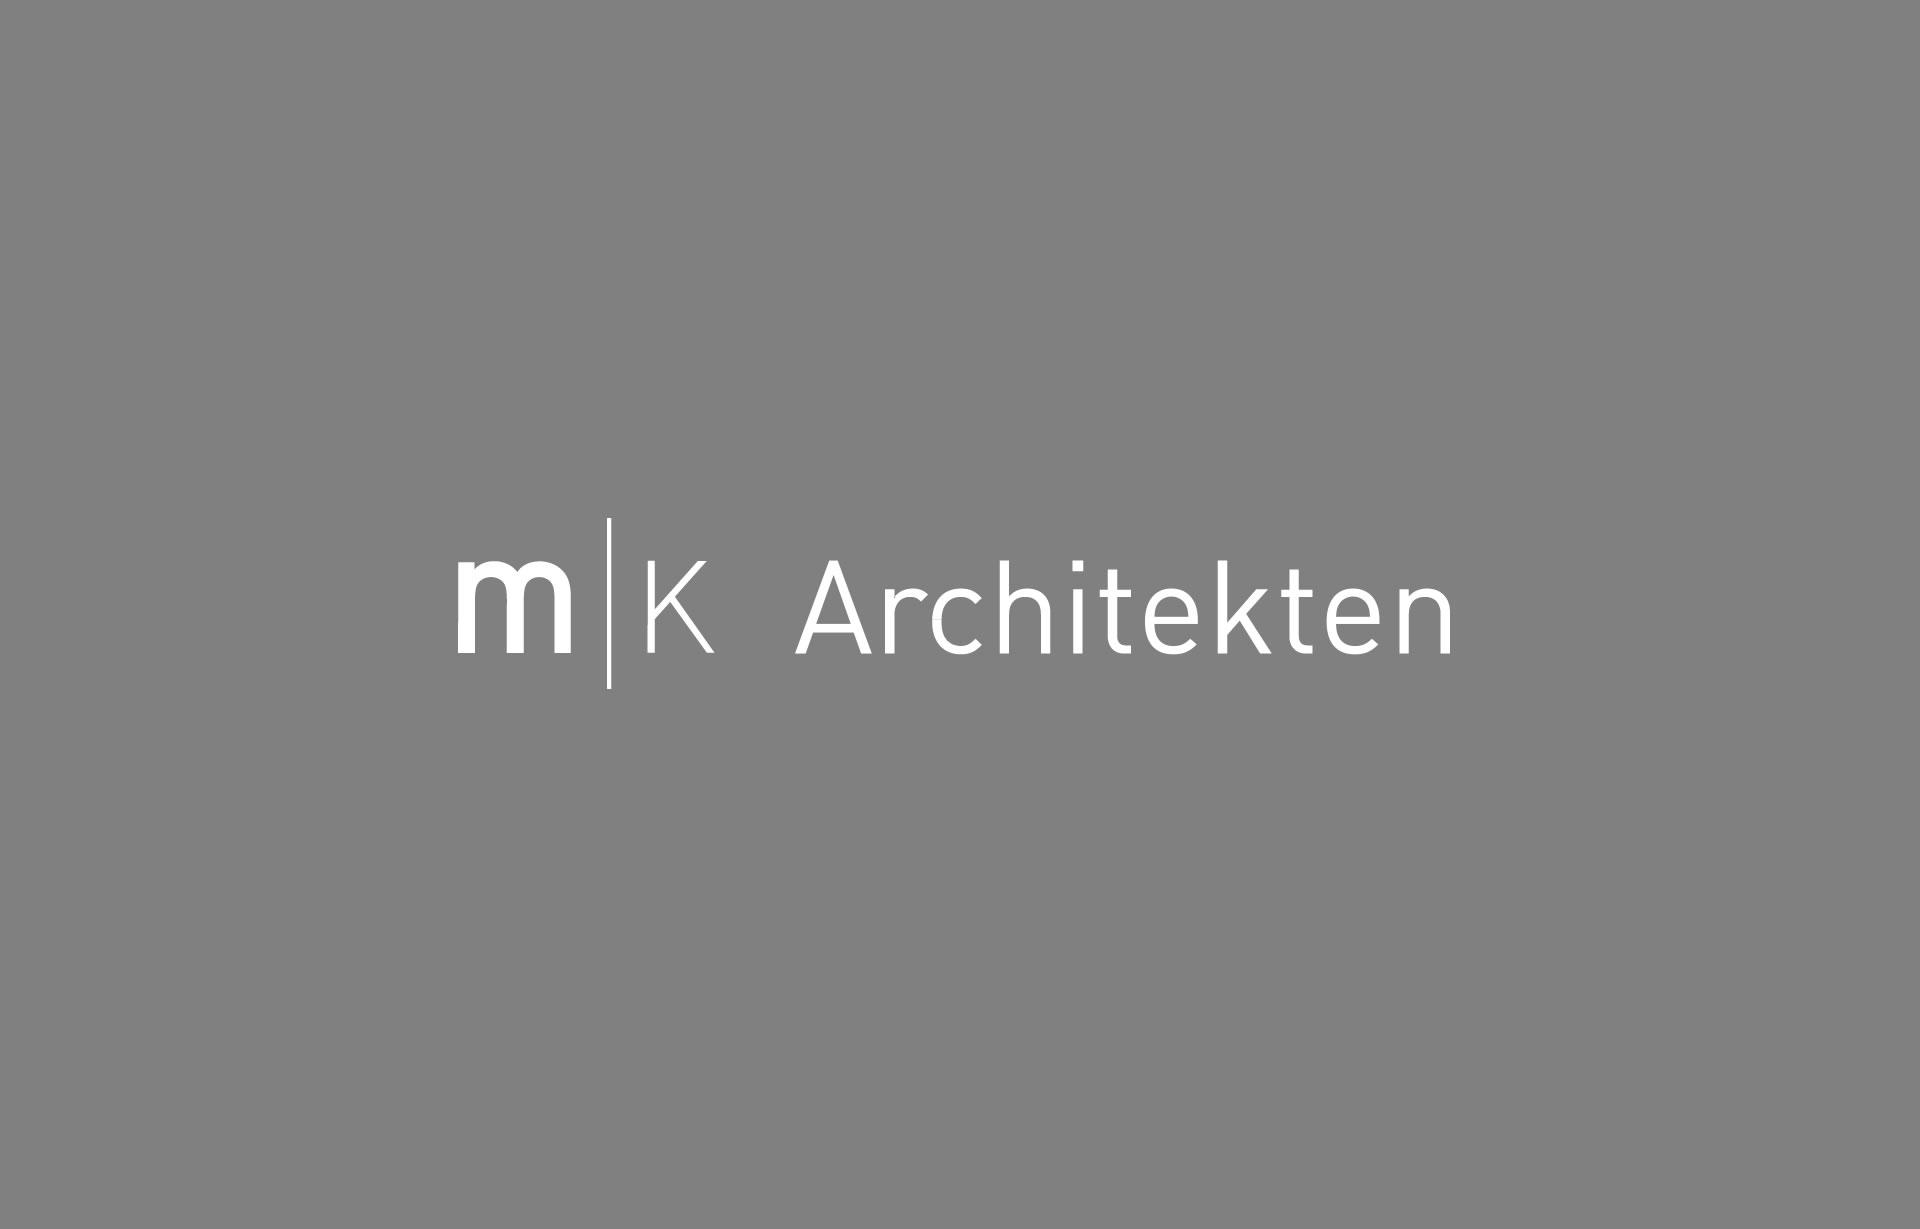 mk architekten logo